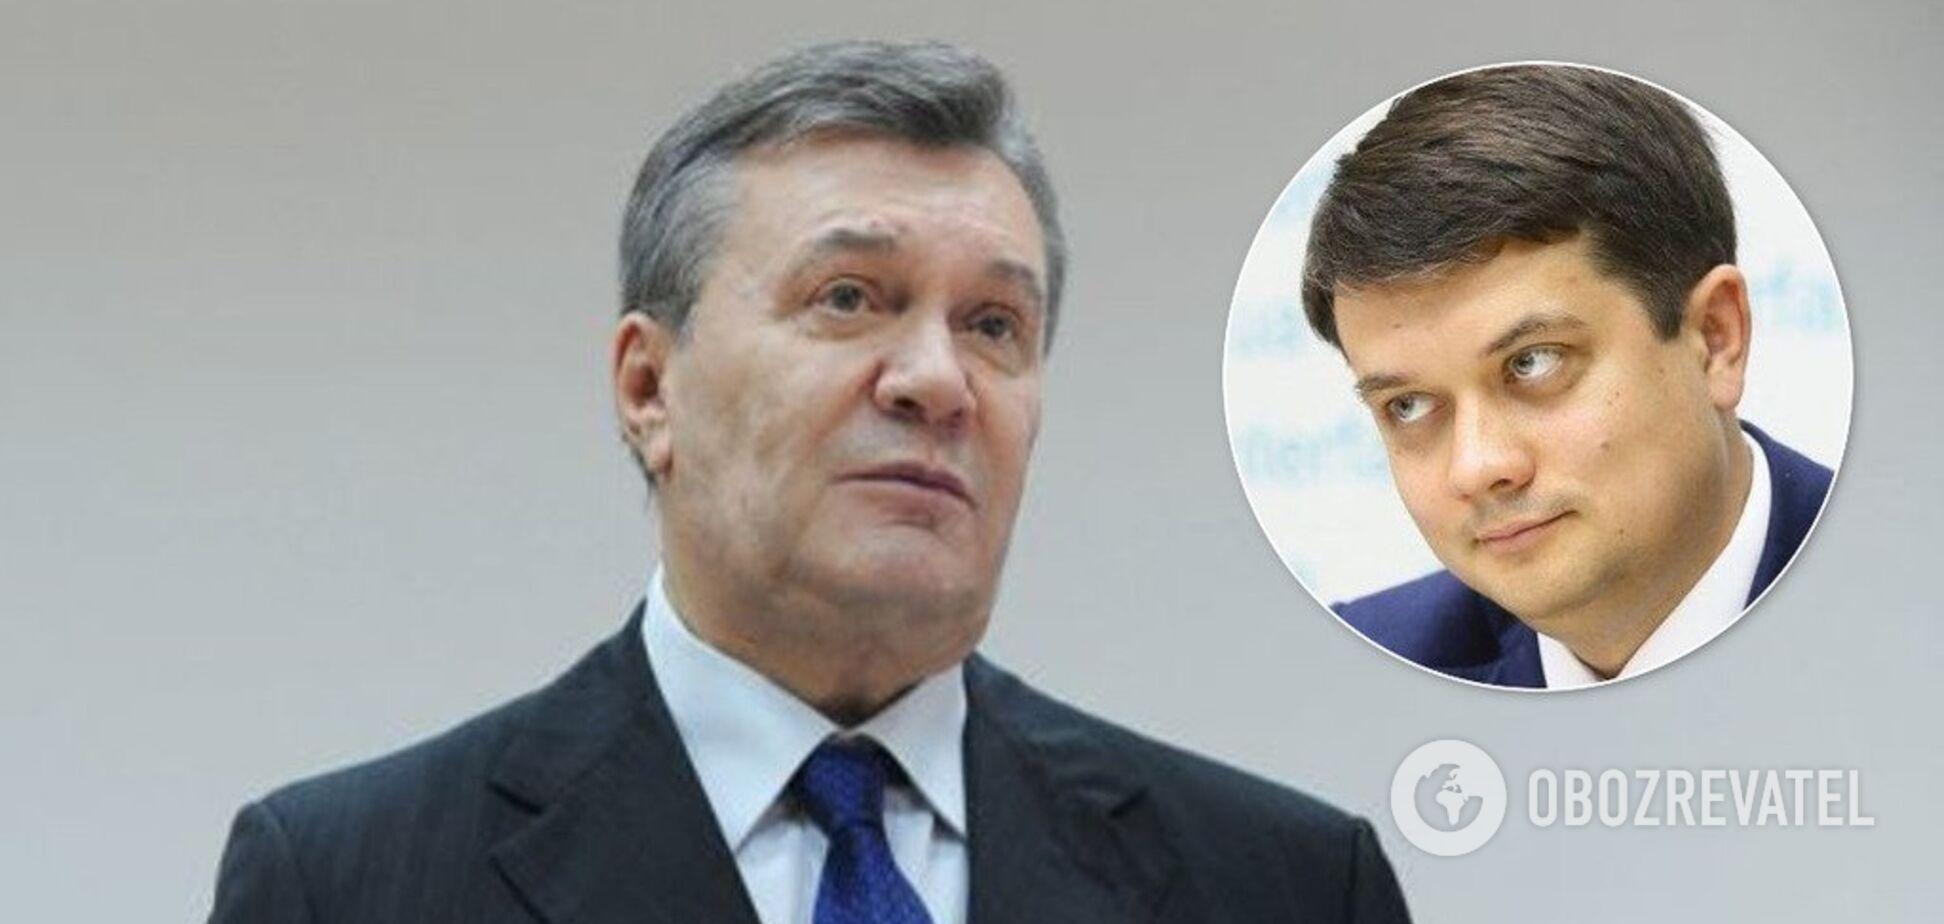 Гідні люди: Разумков розповів про роботу на Януковича